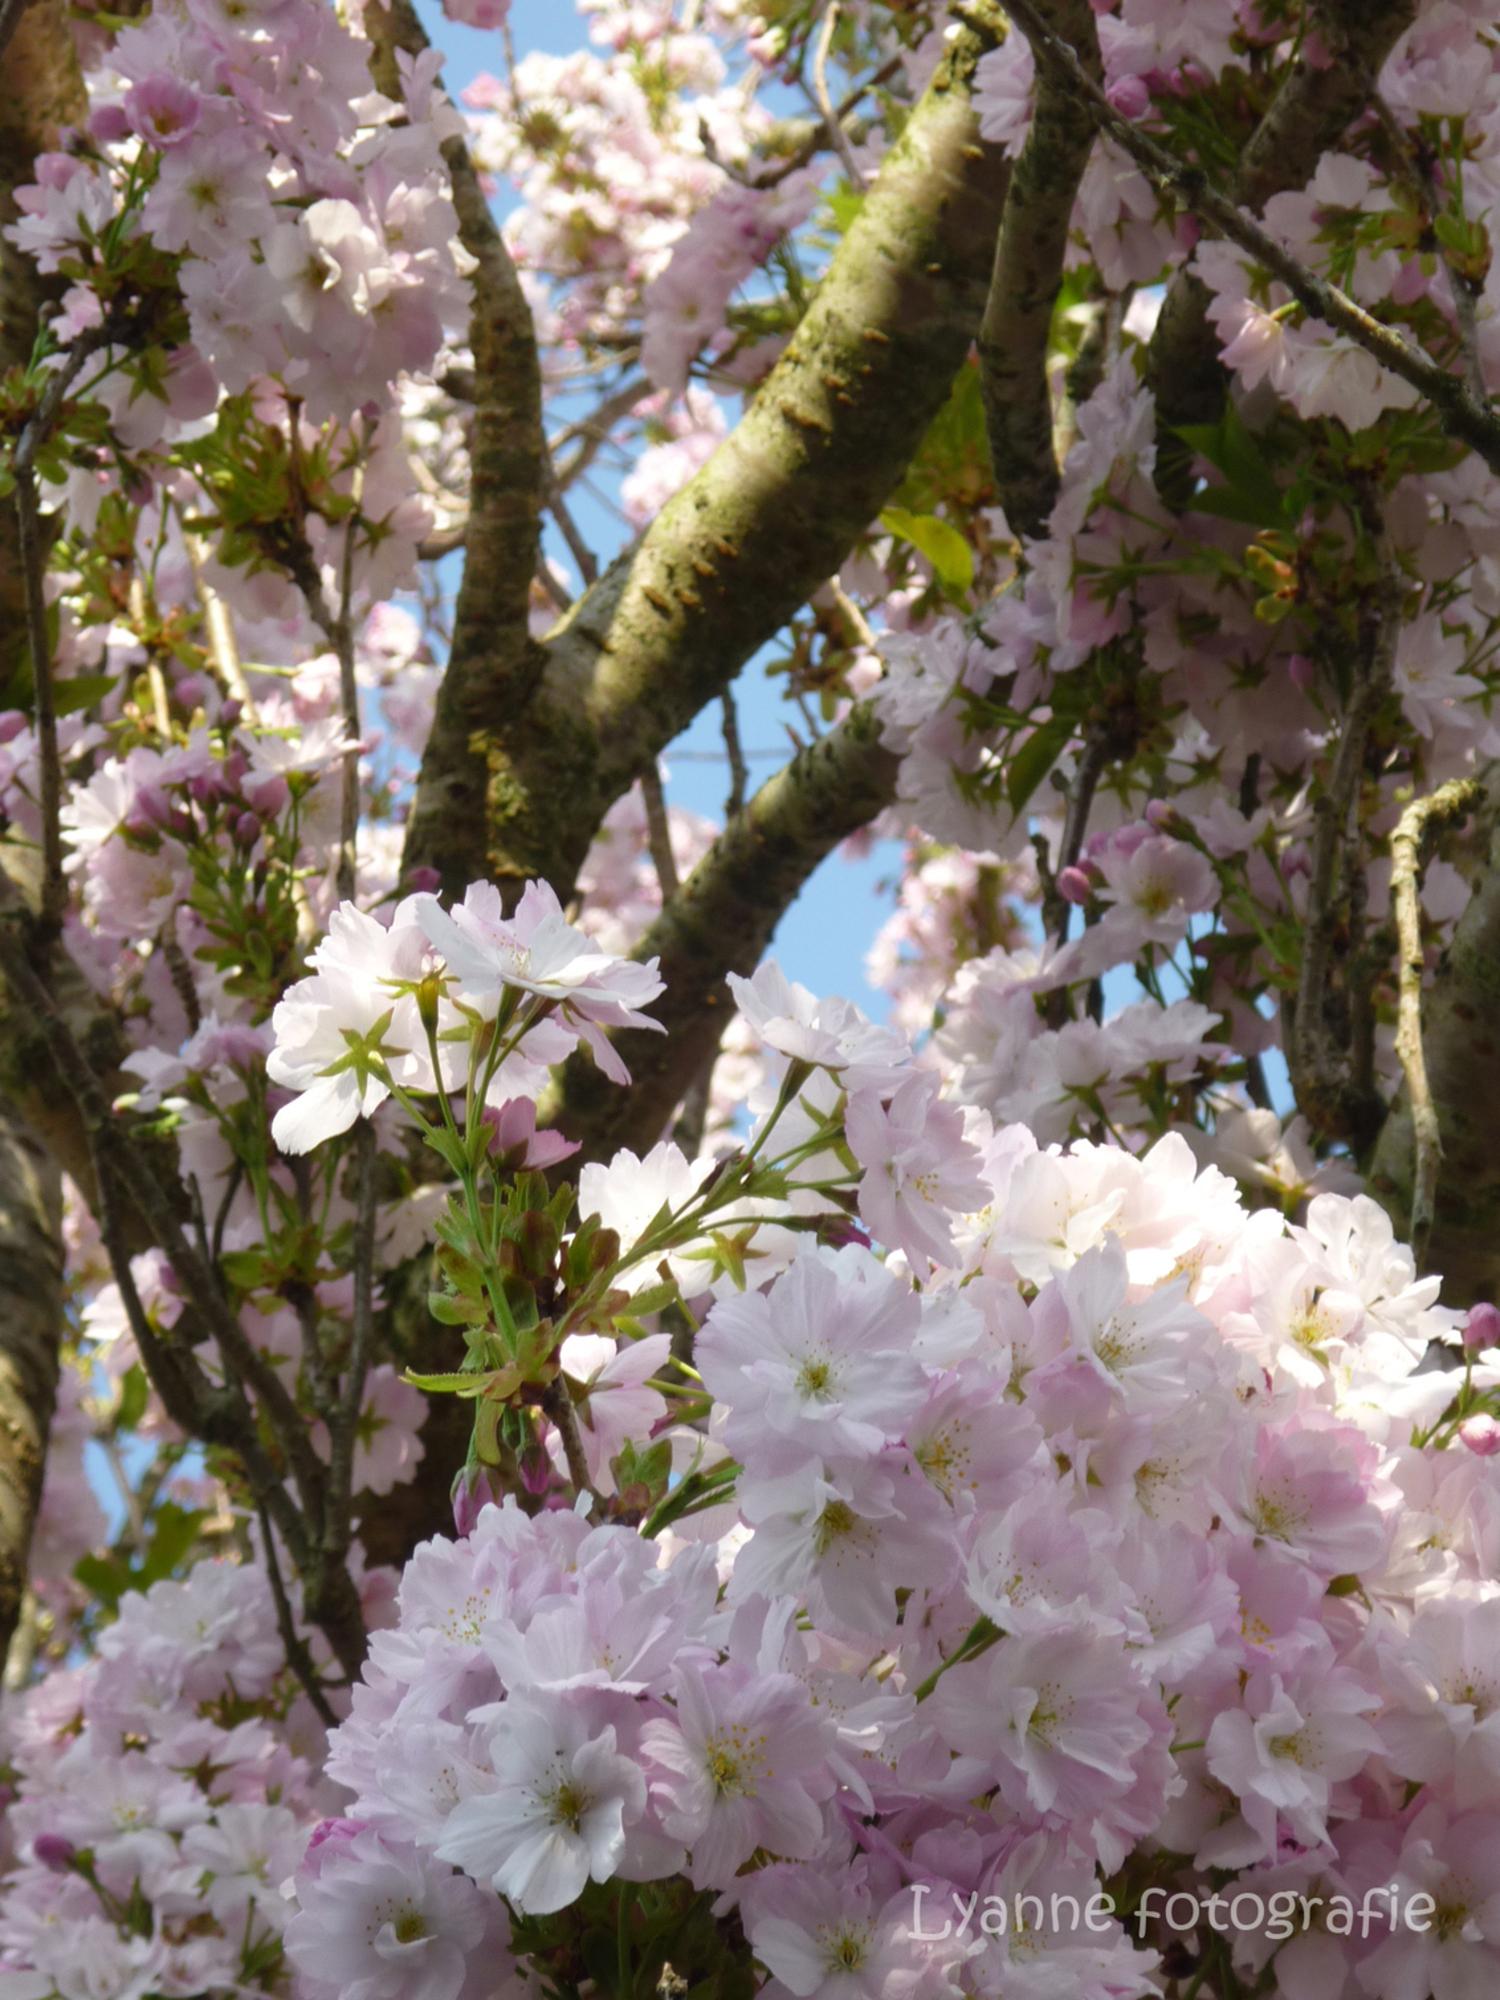 roze bloemen - een bloeiende boom op een mooie lente dag - foto door lyanne4145 op 26-12-2011 - deze foto bevat: roze, boom, bloem, lente